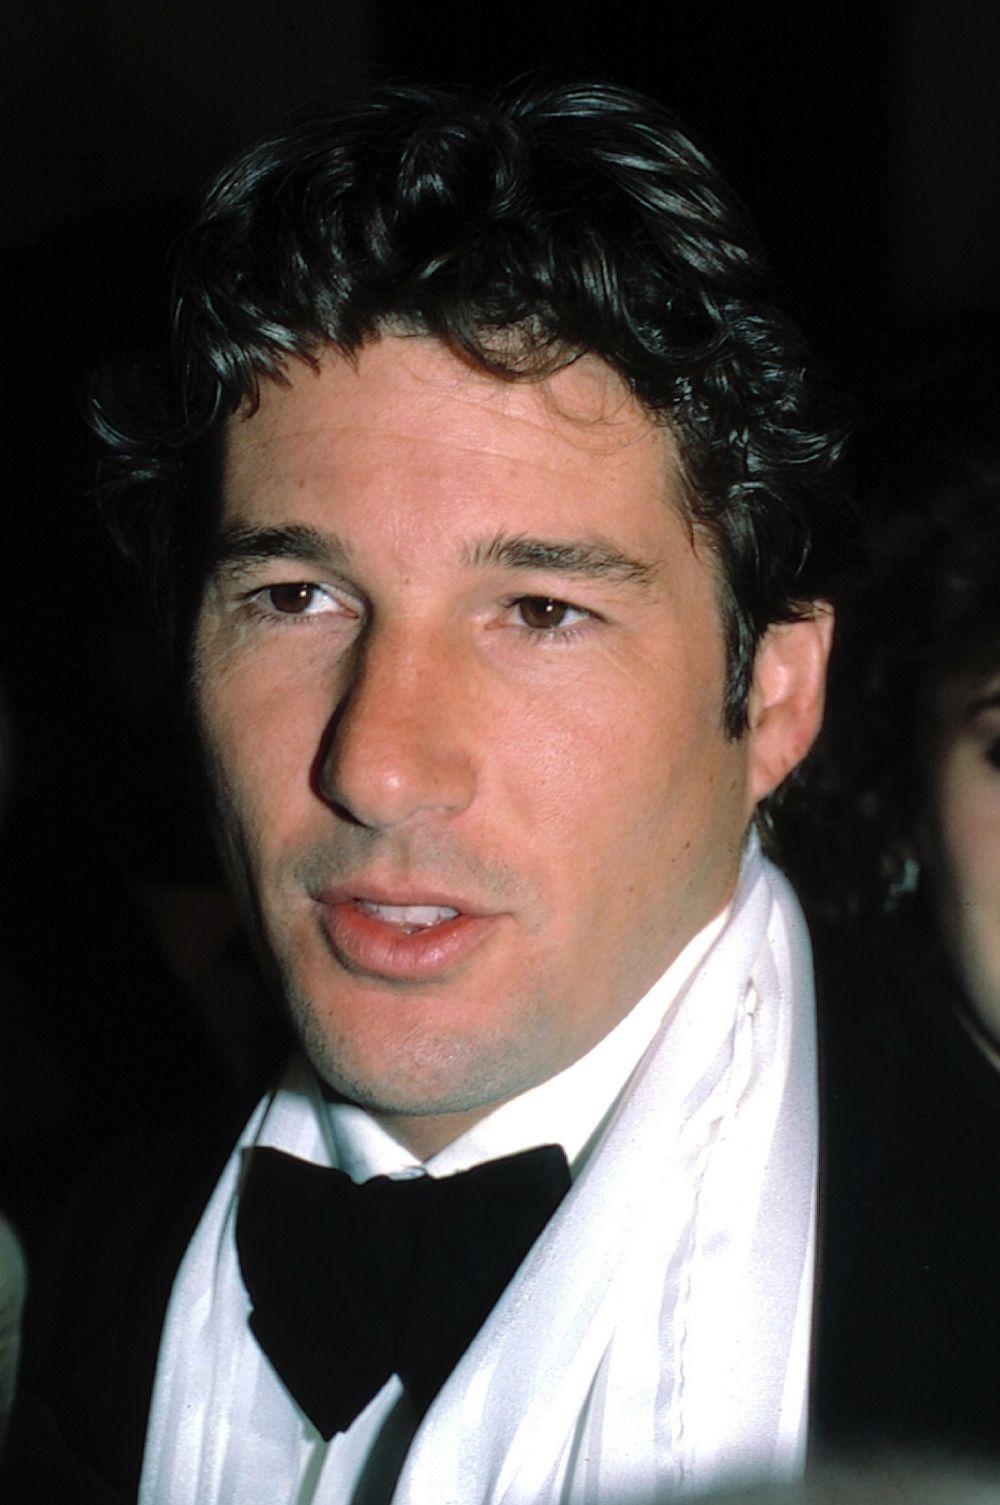 Секс-символ 90-х и звезда культового фильма «Красотка» Ричард Гир.